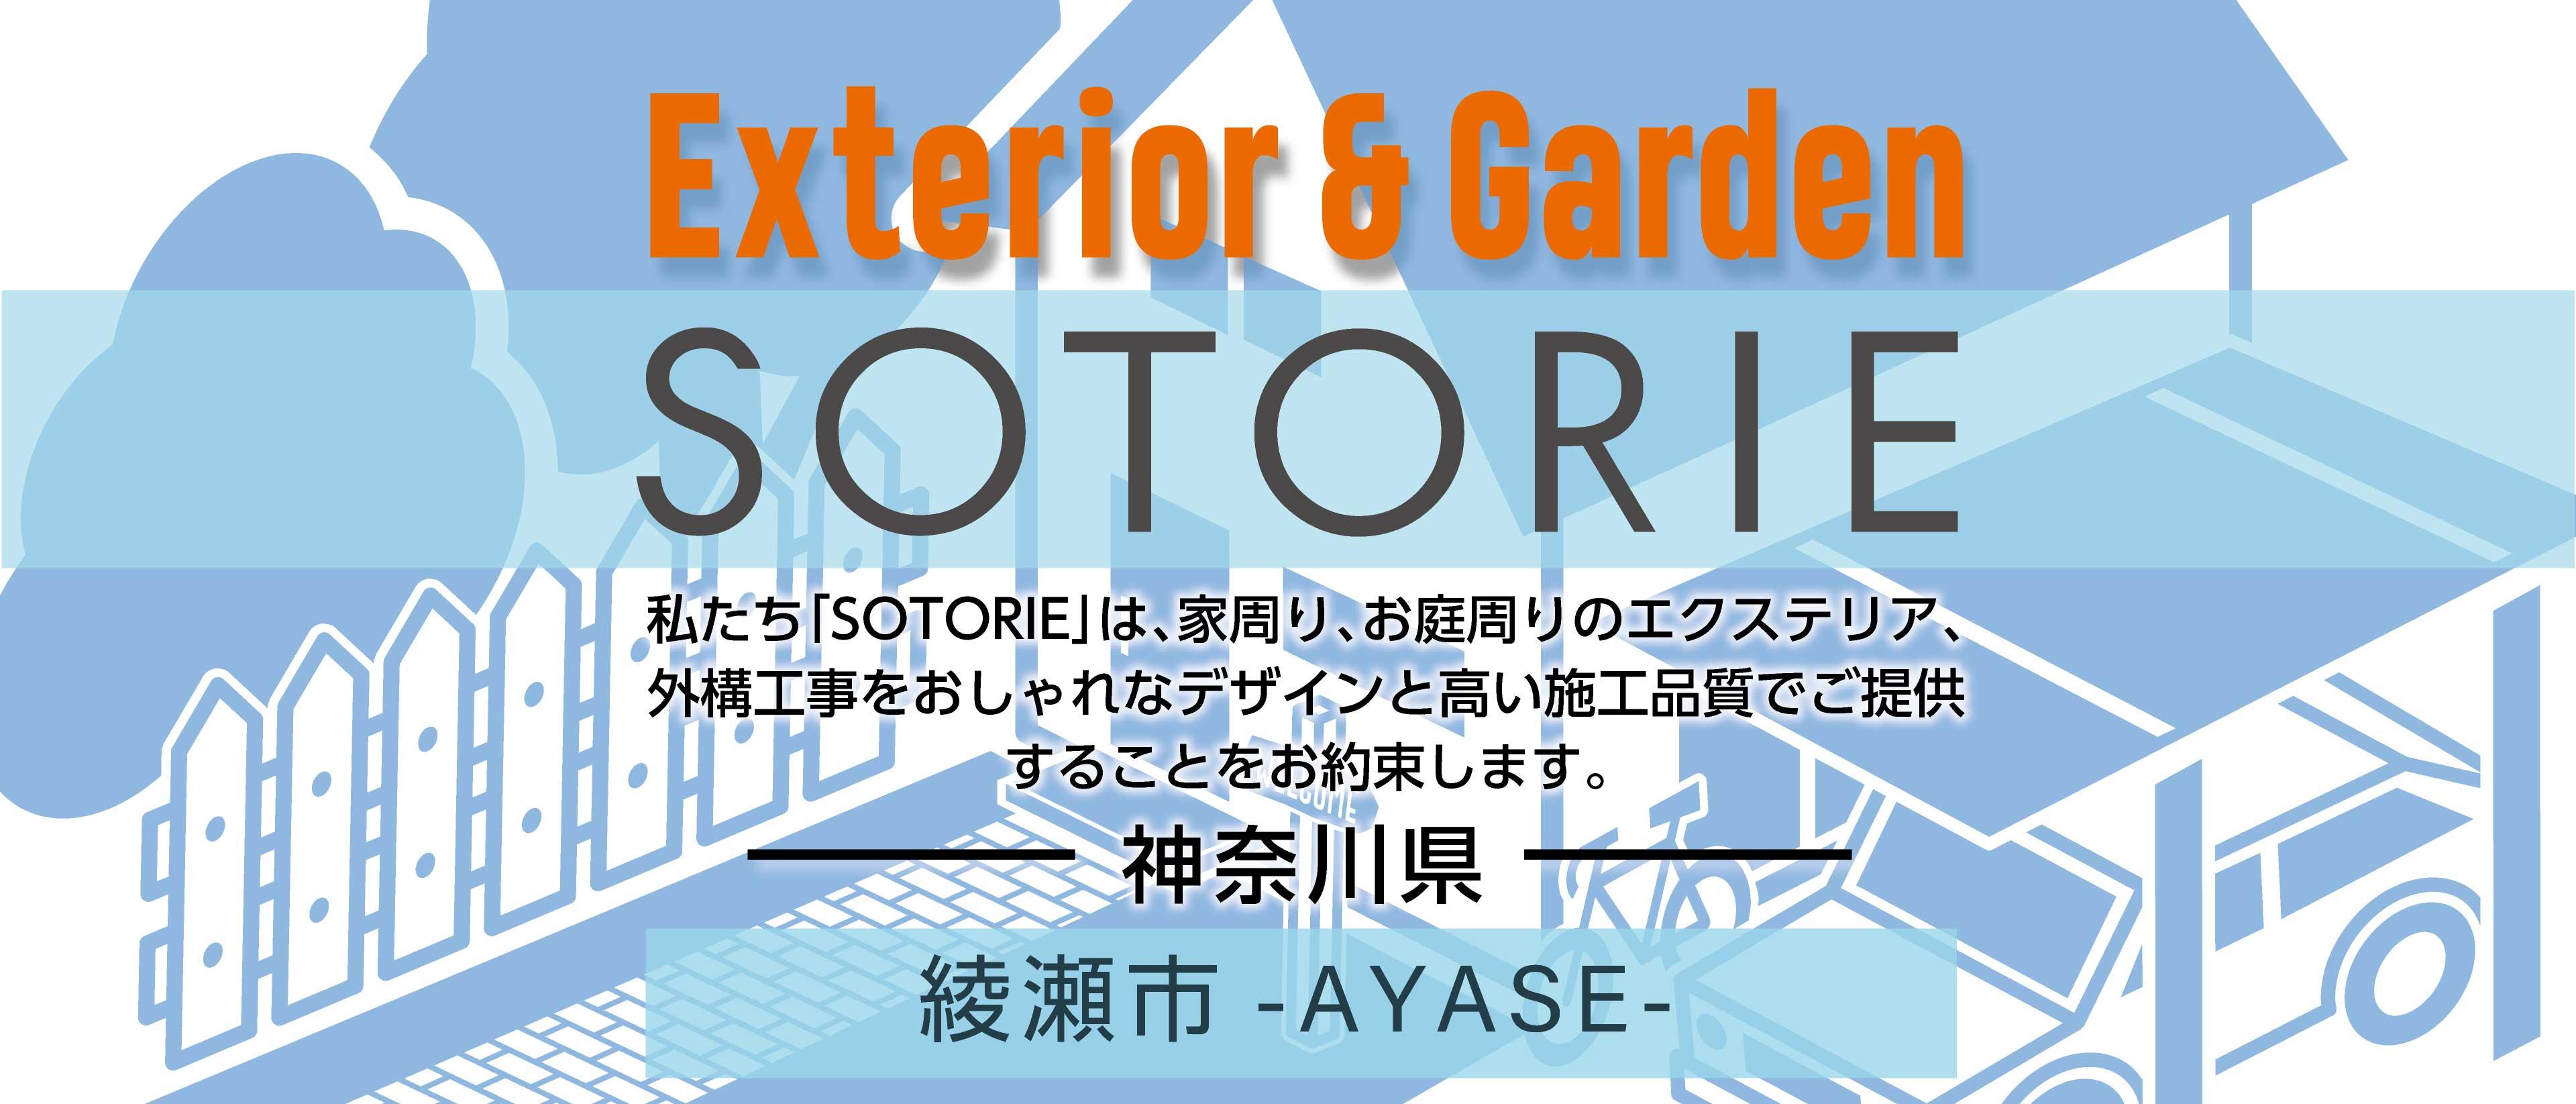 ソトリエ綾瀬市では、家周りと庭周りの外構、エクステリア工事をおしゃれなデザインと高い施工品質でご提供することをお約束します。